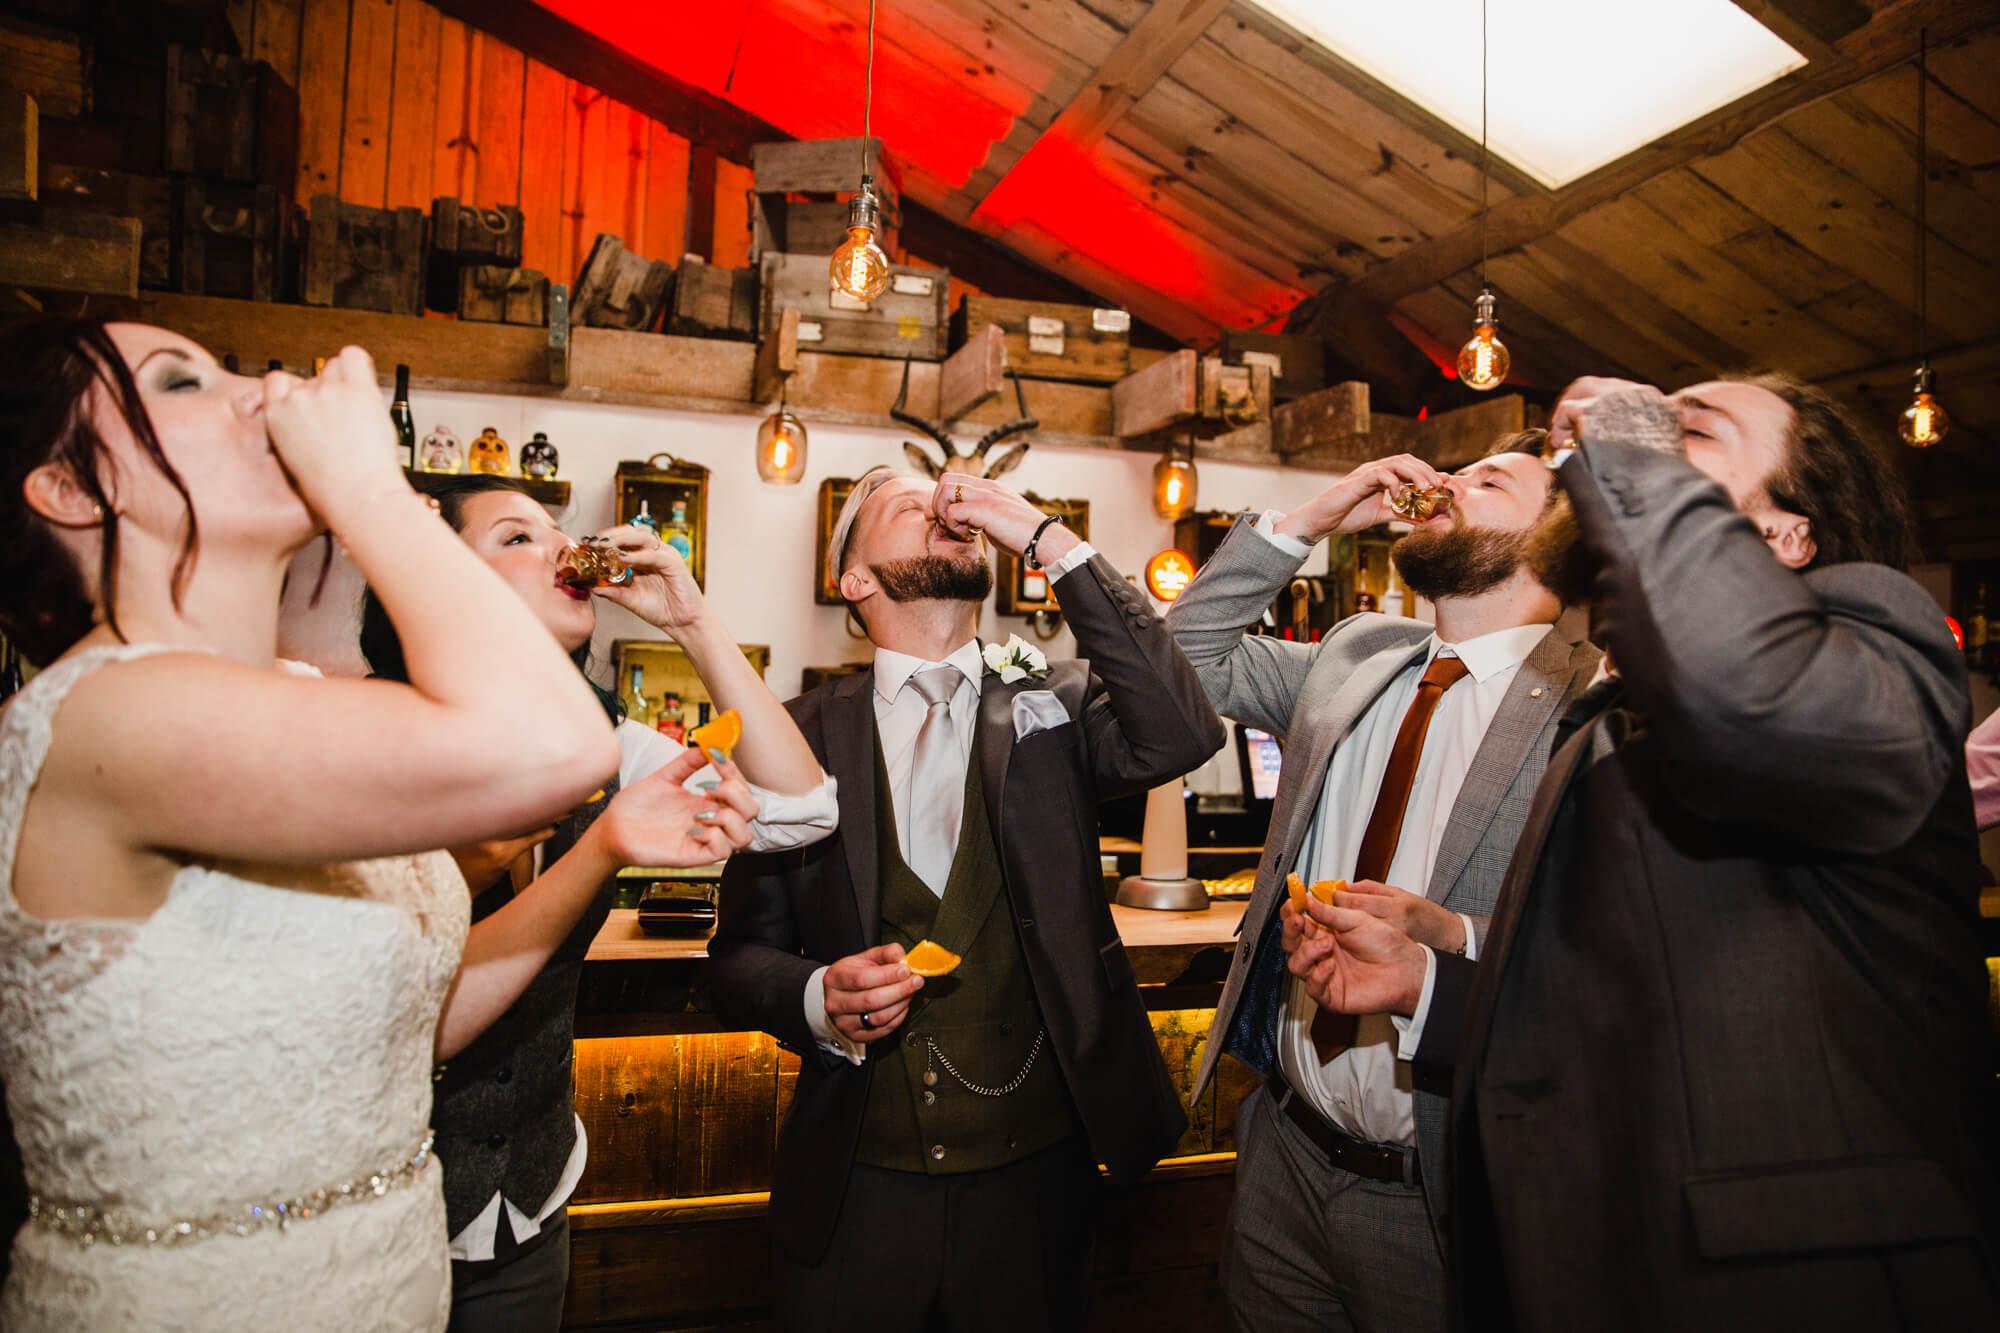 wedding party having shots at the bar